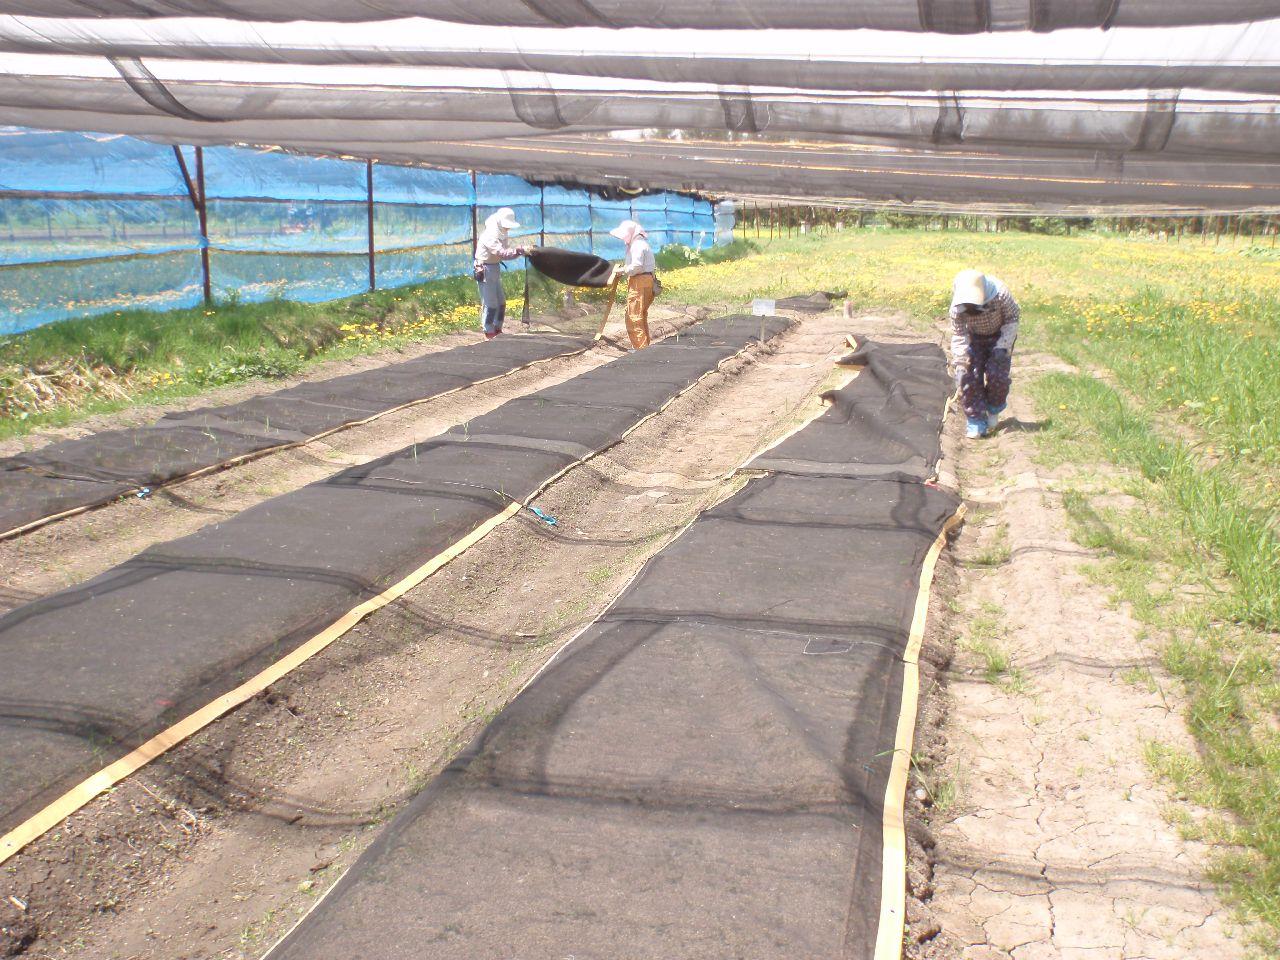 昨年秋に播種した床の寒冷紗でを撤去。